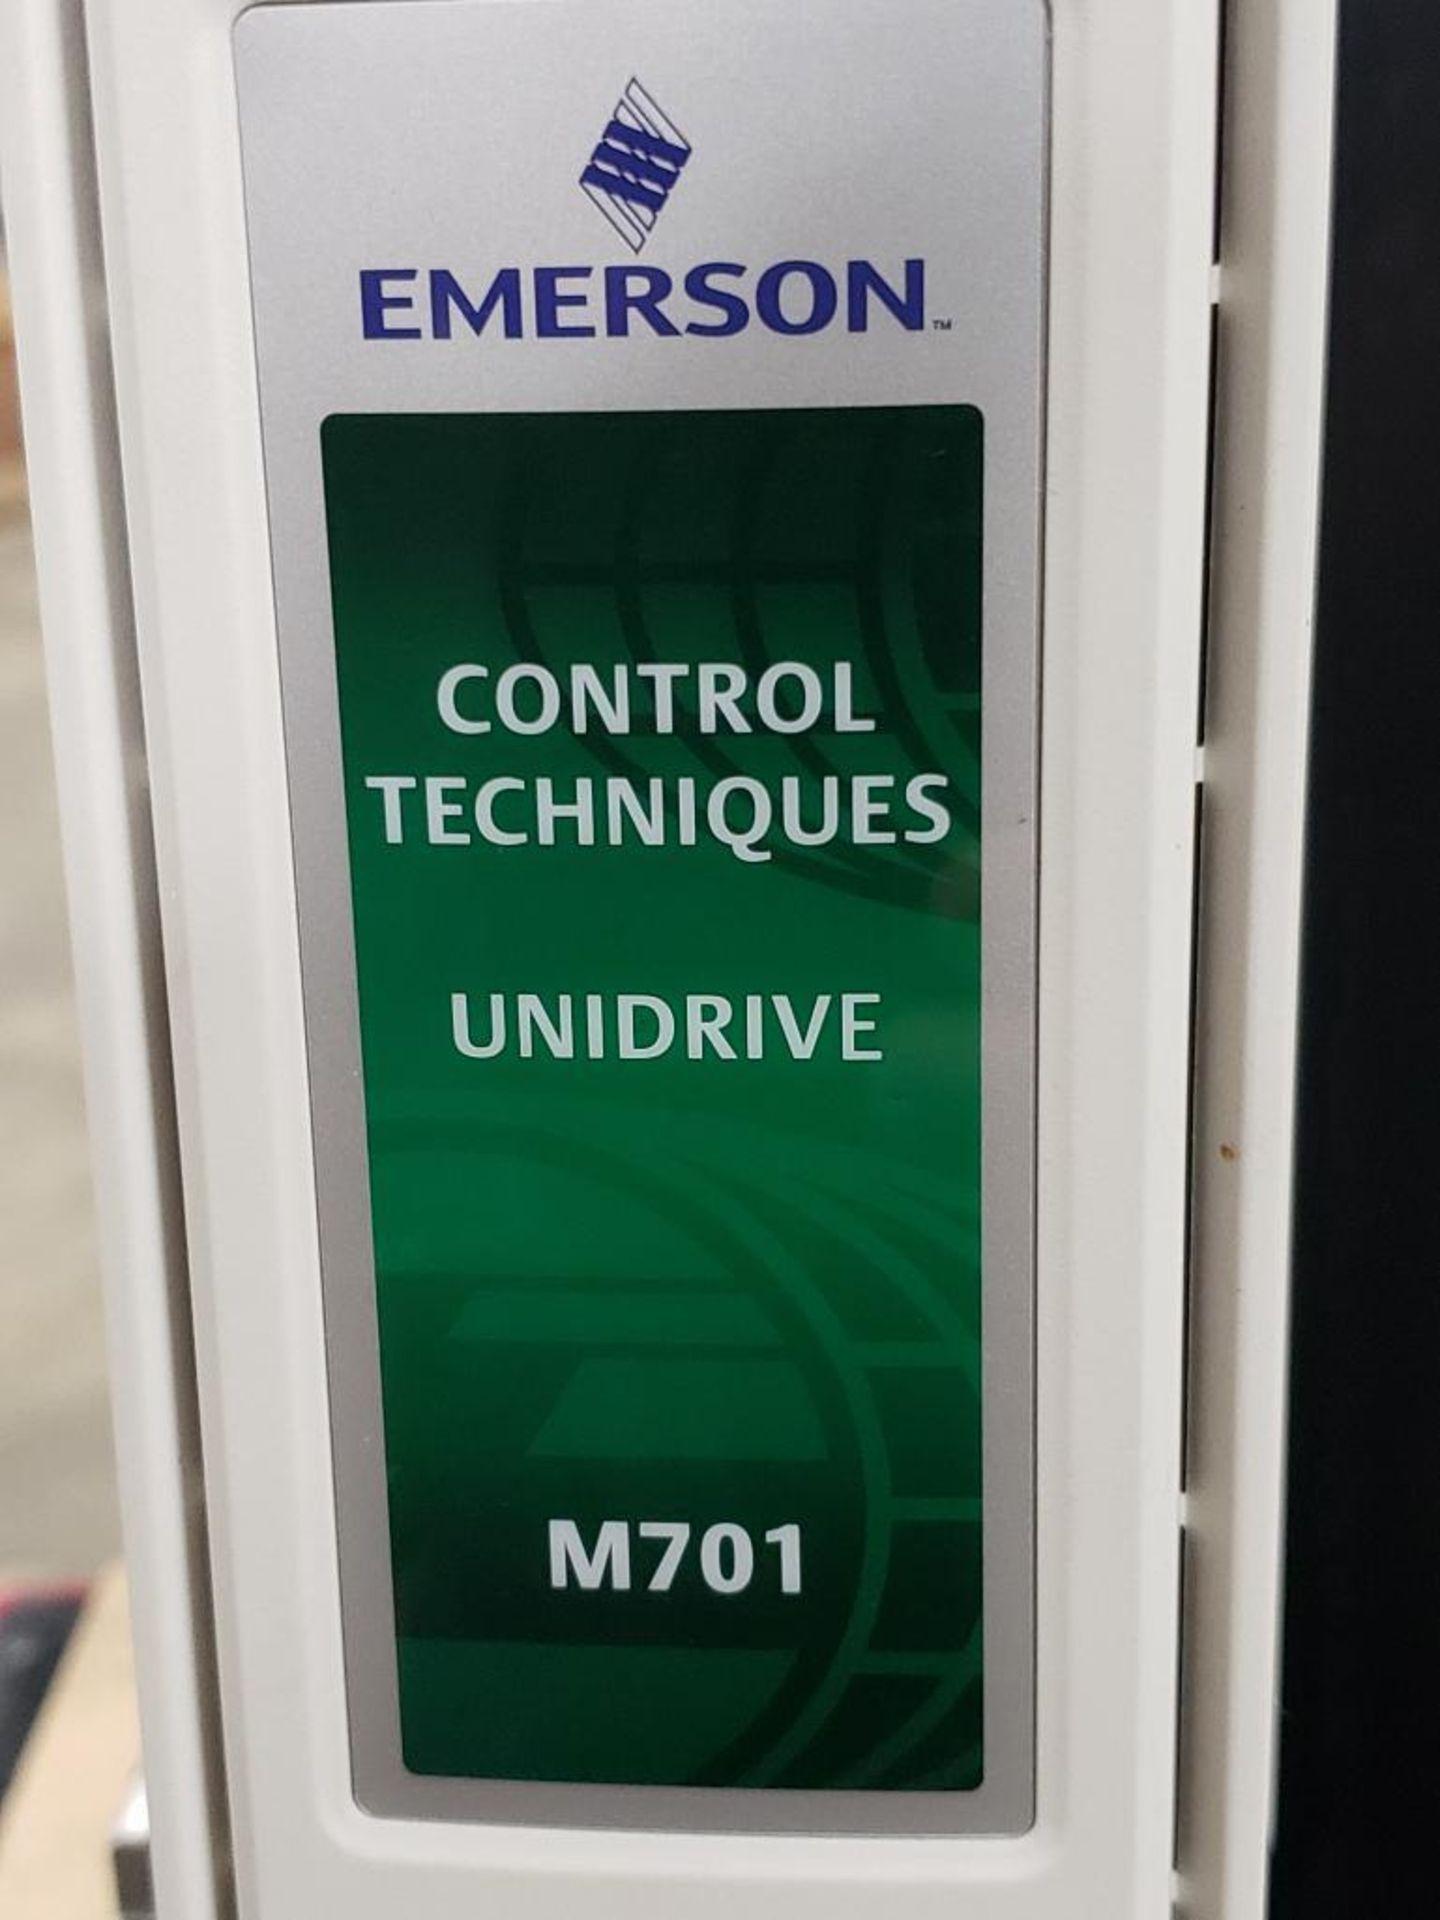 Travel test diagnostic Emerson drive unit. Emerson control Techniques DCM700. Unidrive M701. - Image 8 of 21